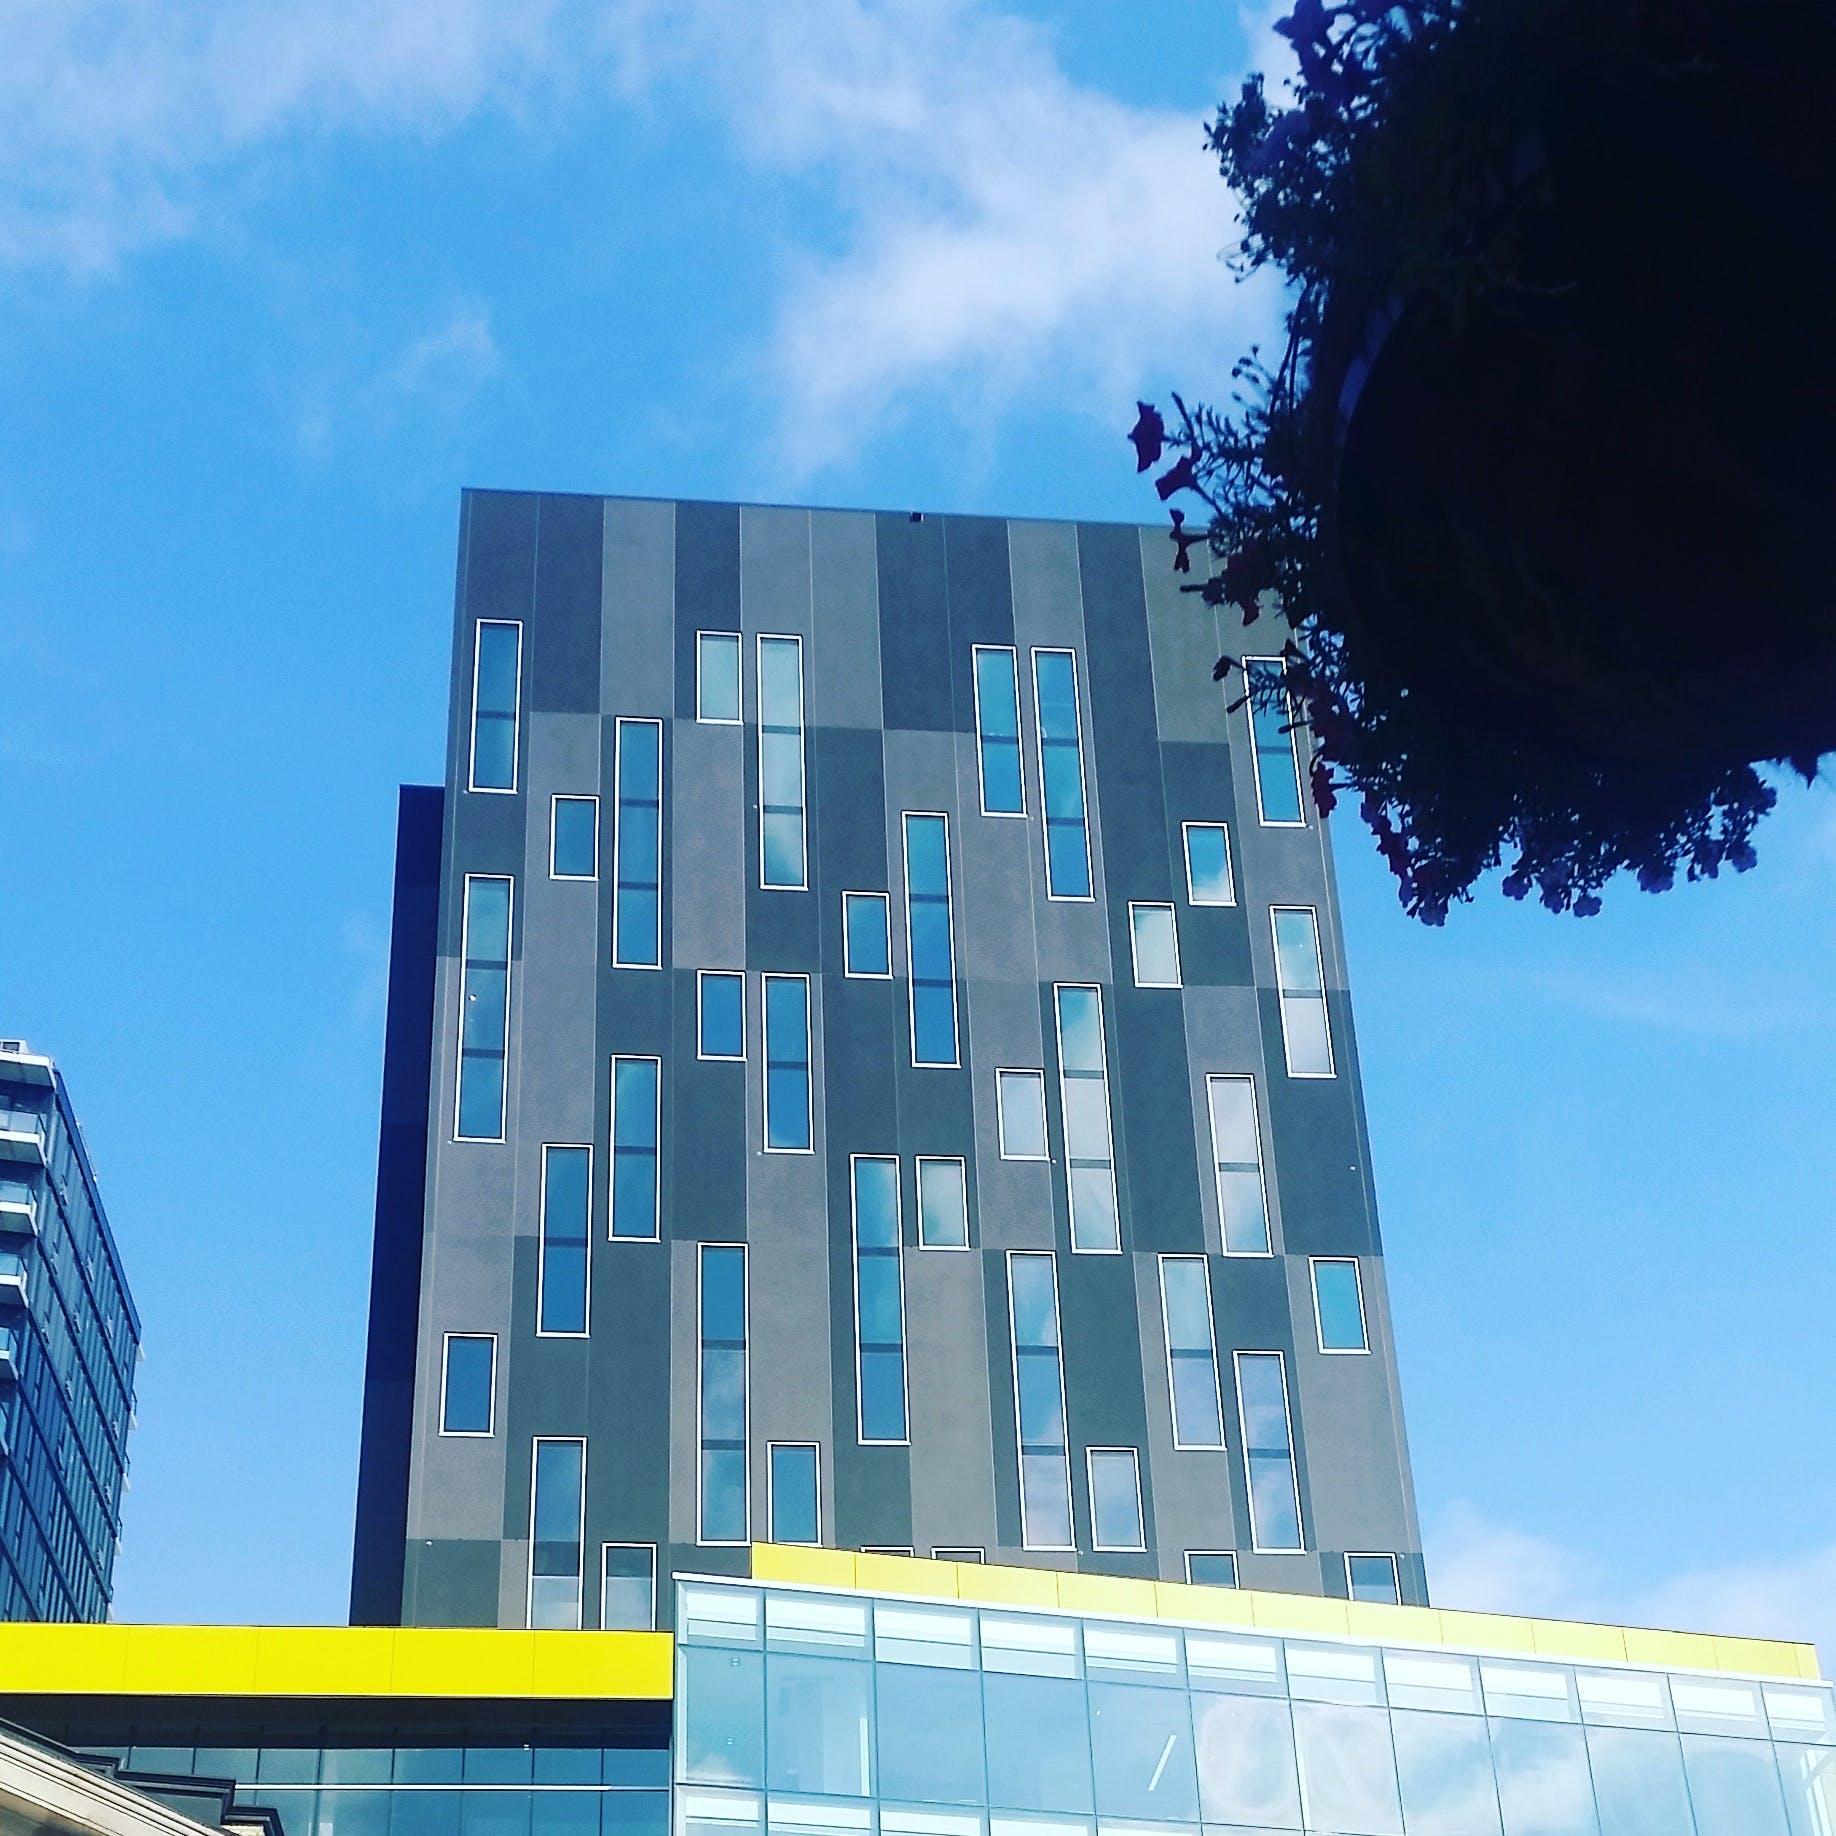 Free stock photo of blue skies, buildings, skyscrapers